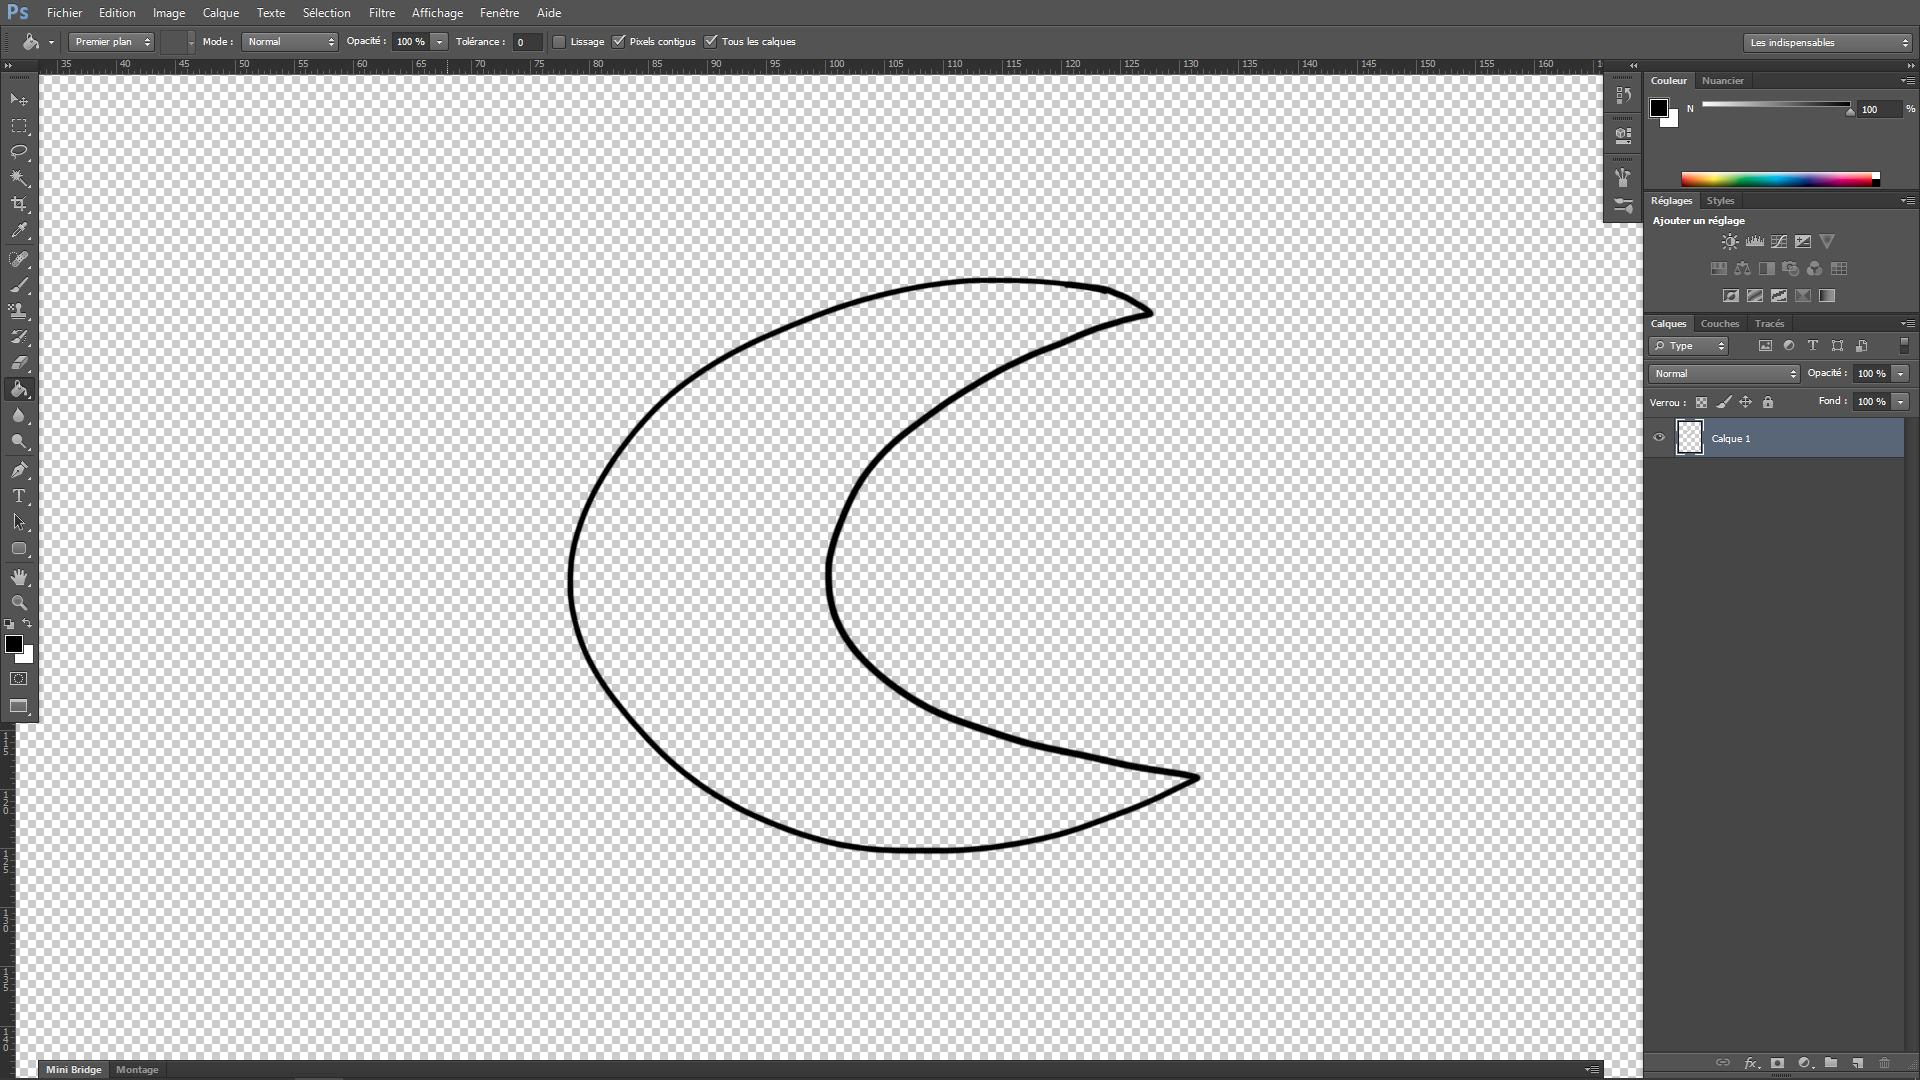 Remplissage Pot De Peinture Photoshop Cs6 Par Dj Skrewdriver